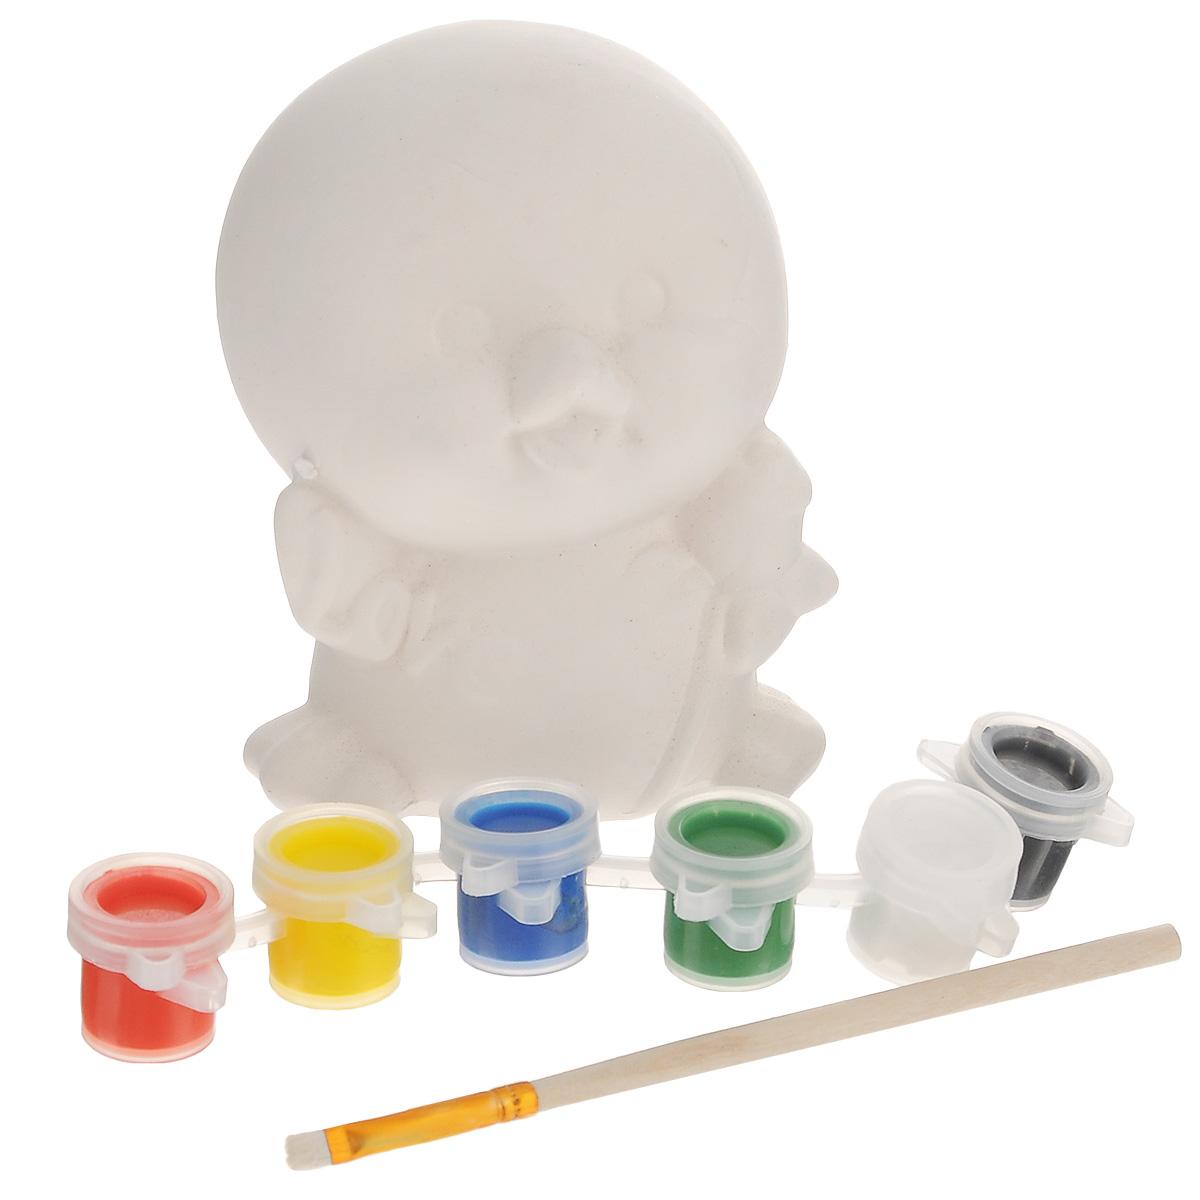 Набор для творчества Феникс-презент Цыпленок31560Набор для творчества Феникс-презент Цыпленок поможет вам создать свой личный шедевр - красивую, собственноручно раскрашенную копилку. В наборе вы найдете все необходимое для создания маленького произведения искусства: белую керамическую копилку-фигурку, выполненную в виде забавного цыпленка, акварельные краски 6 цветов, кисточку. На головецыпленка есть отверстие для монет. Имеется инструкция по работе на упаковке. Раскрашивание копилки своими руками не только принесет ребенку массу удовольствия, но и поможет сформировать художественный вкус и развить внимательность, терпение и пространственное мышление.